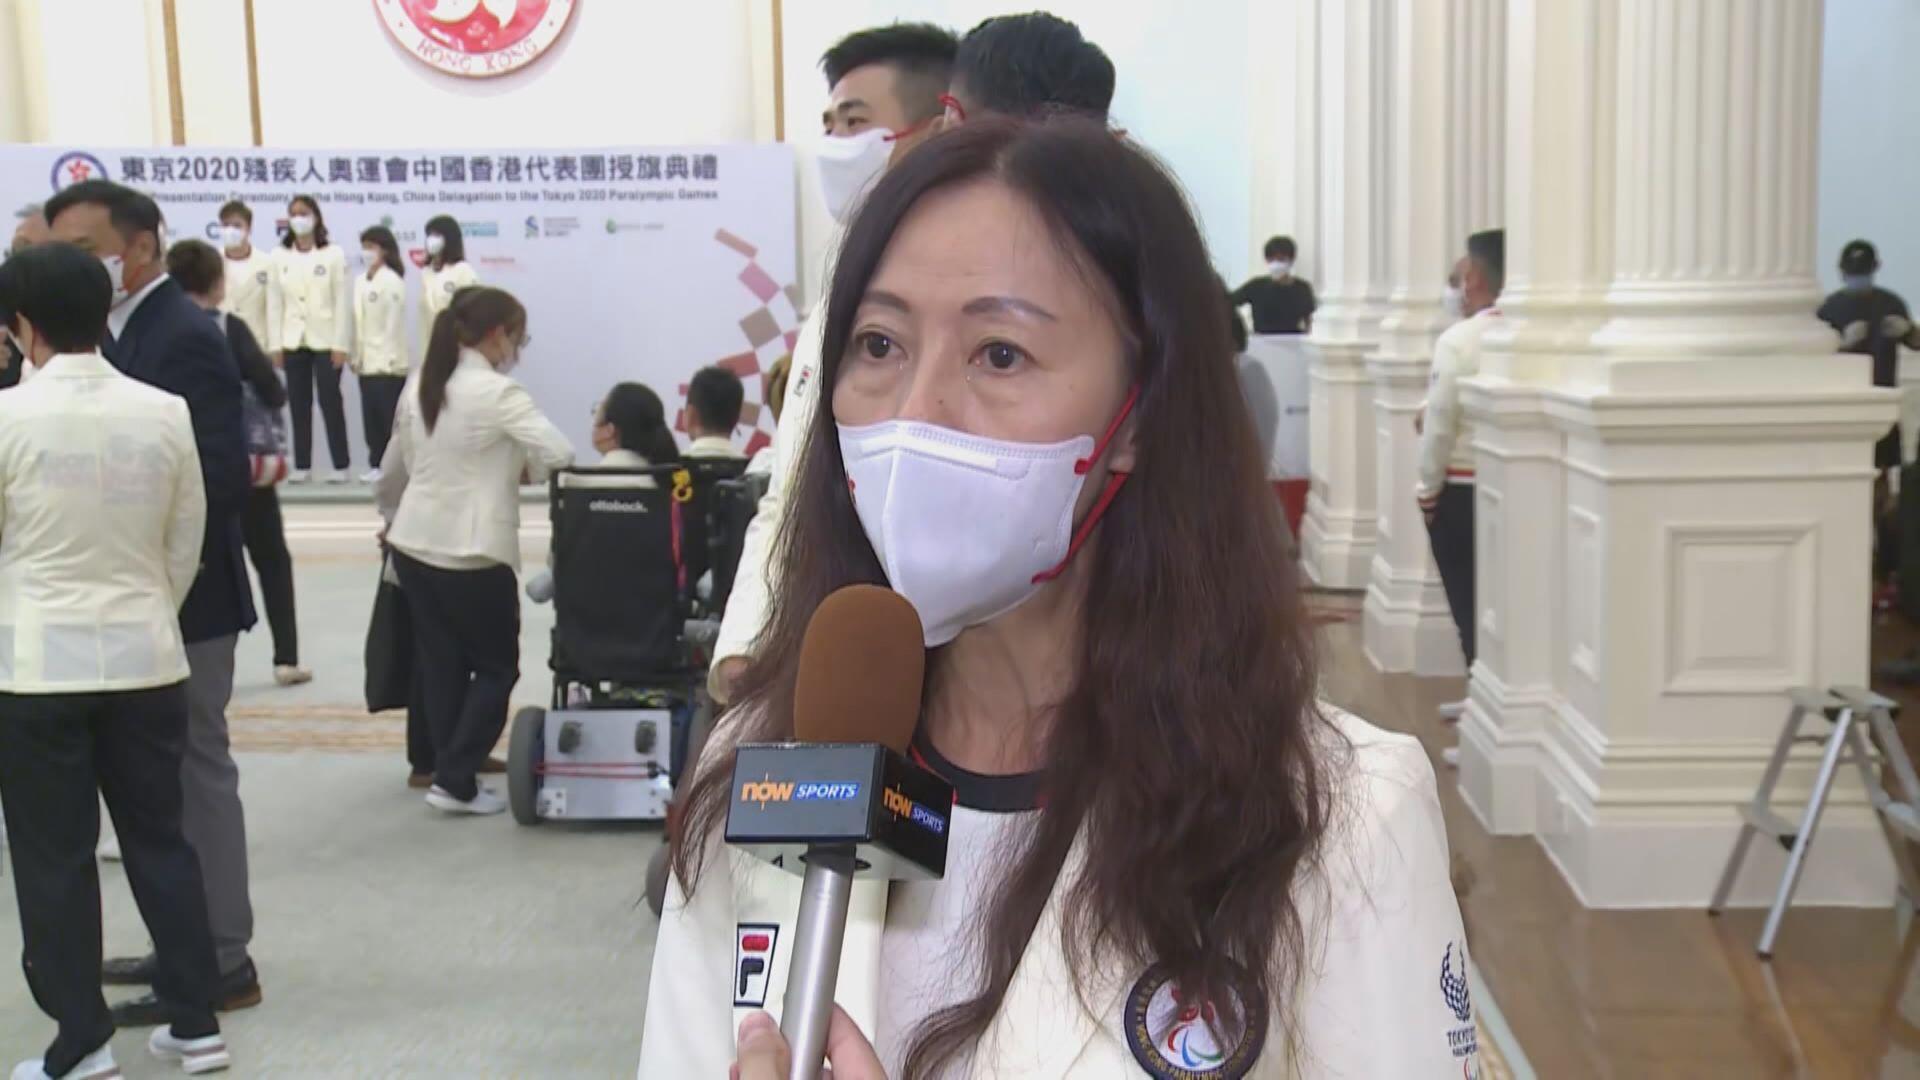 胡小玲:殘奧運動員奮鬥為社會帶正能量